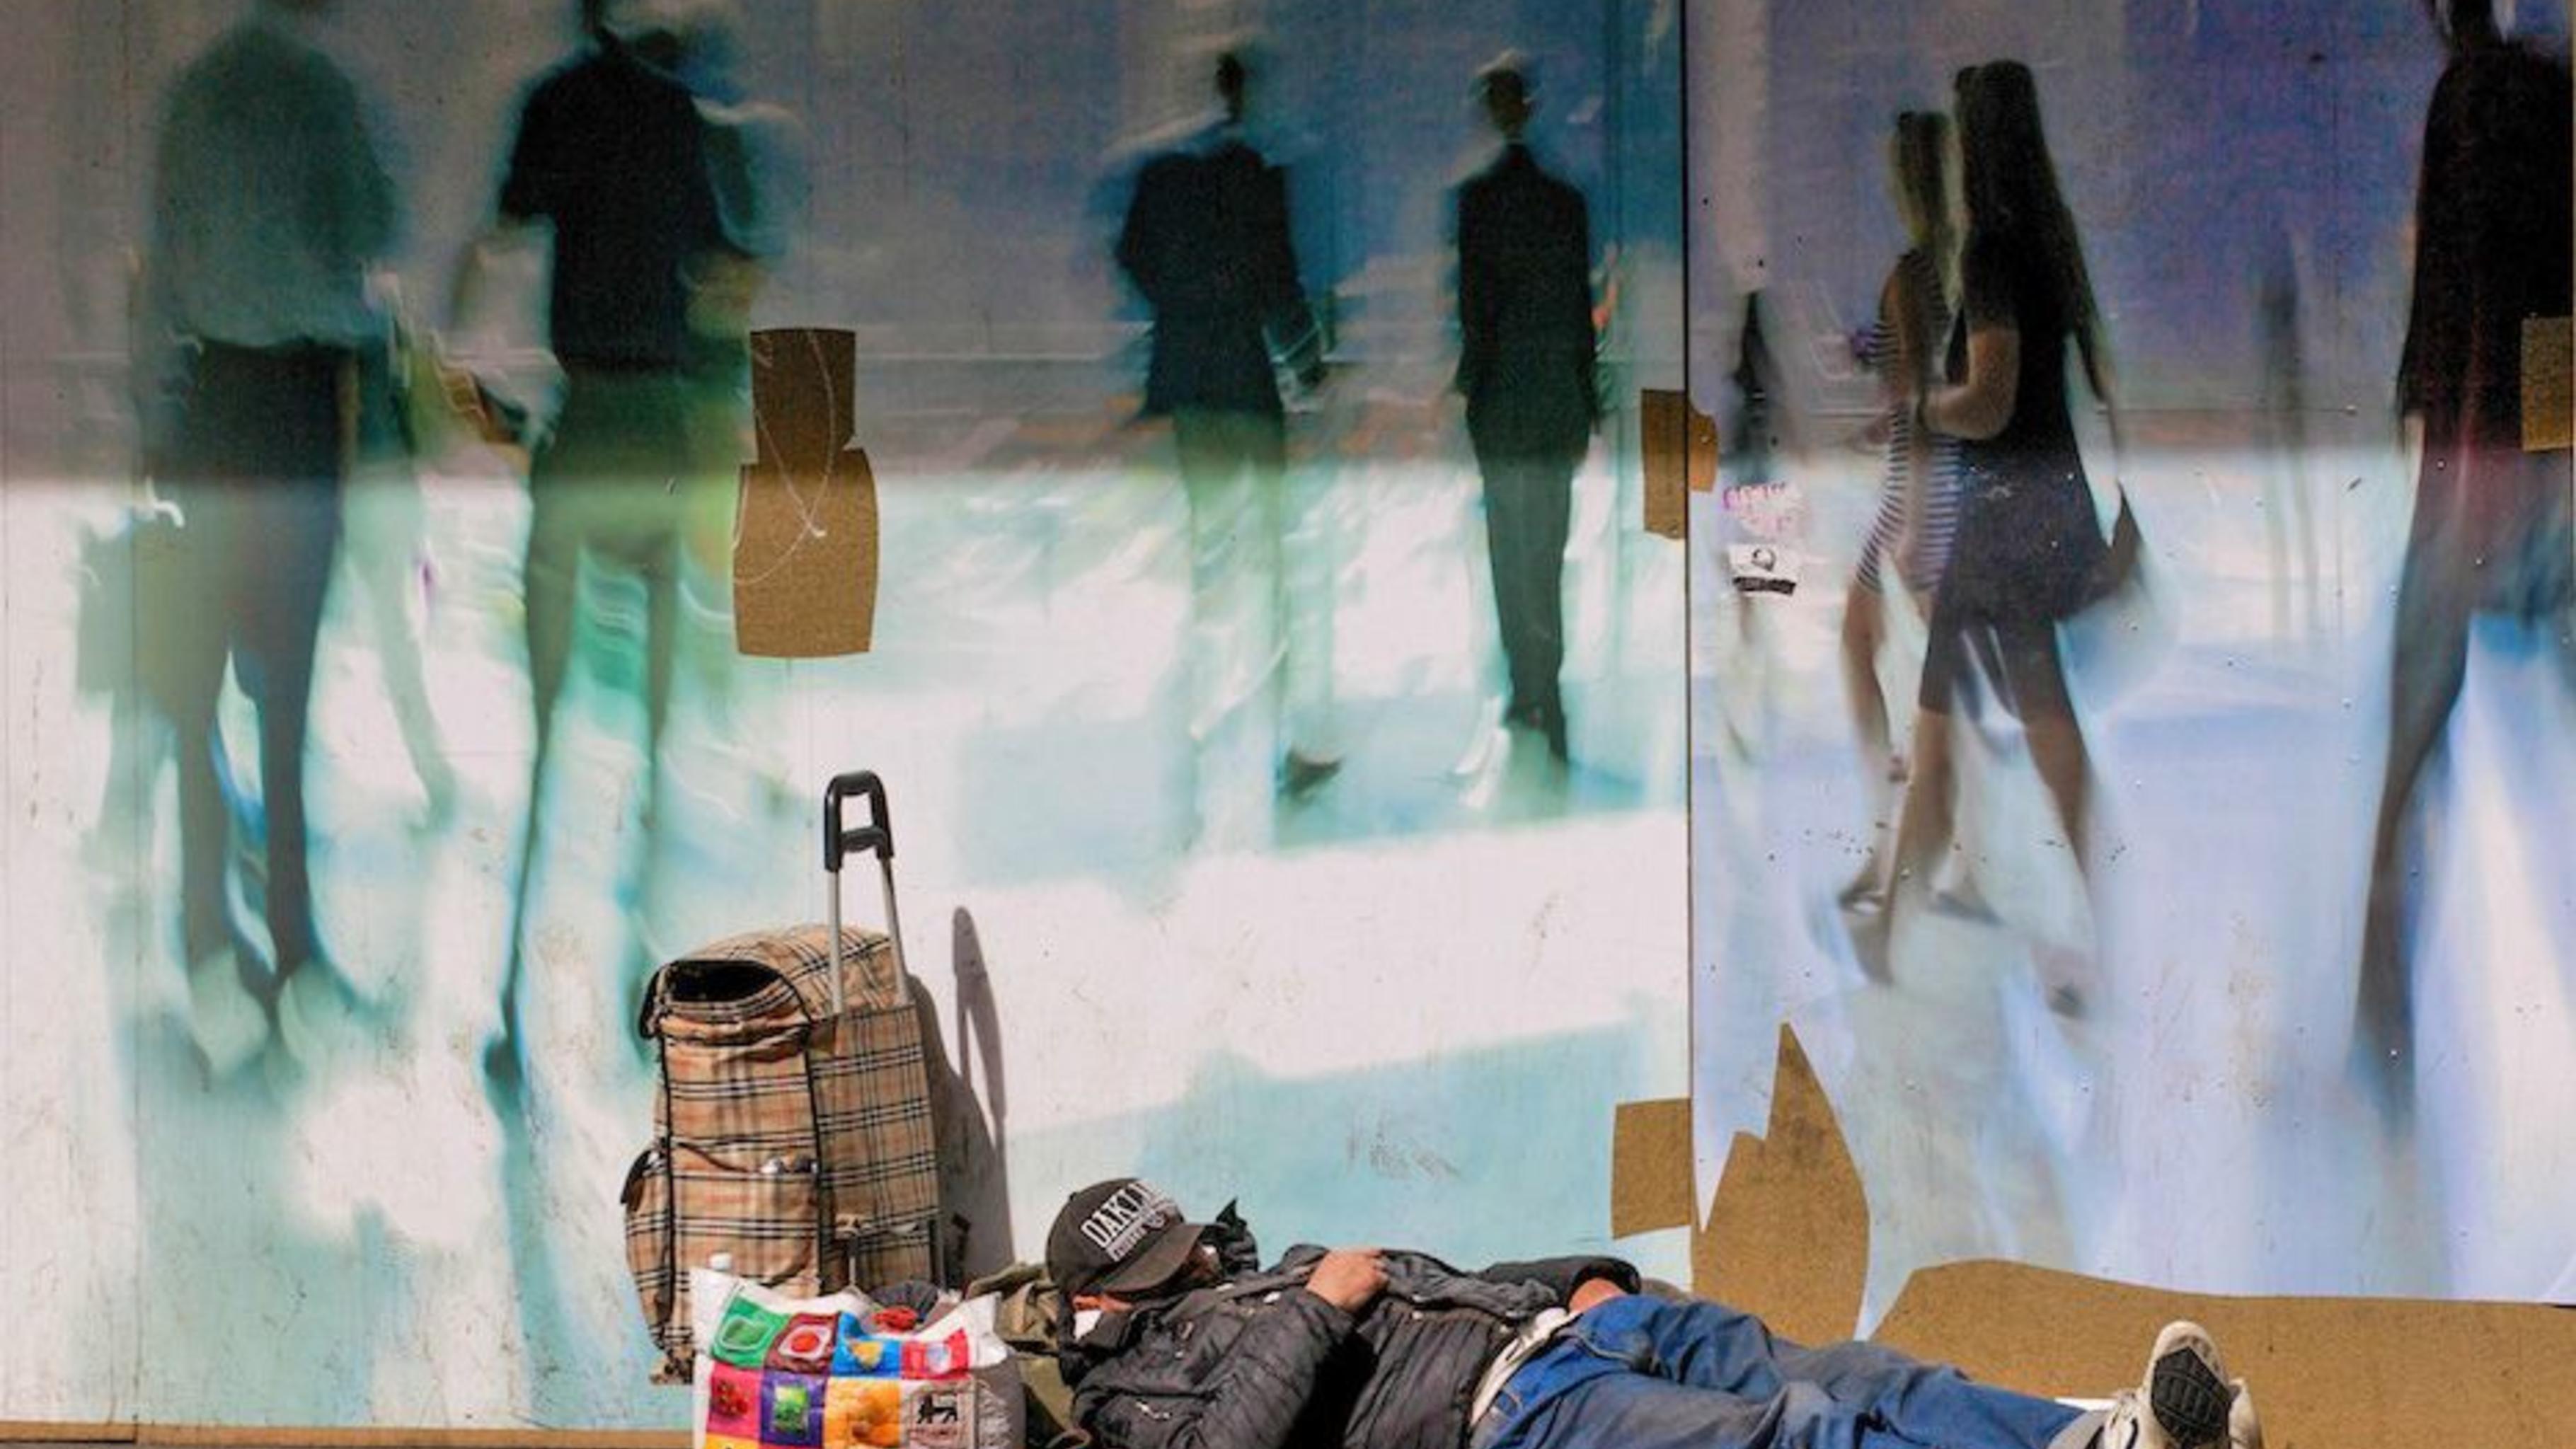 Ein Obdachloser liegt in einem Börsenviertel am Straßenrand.